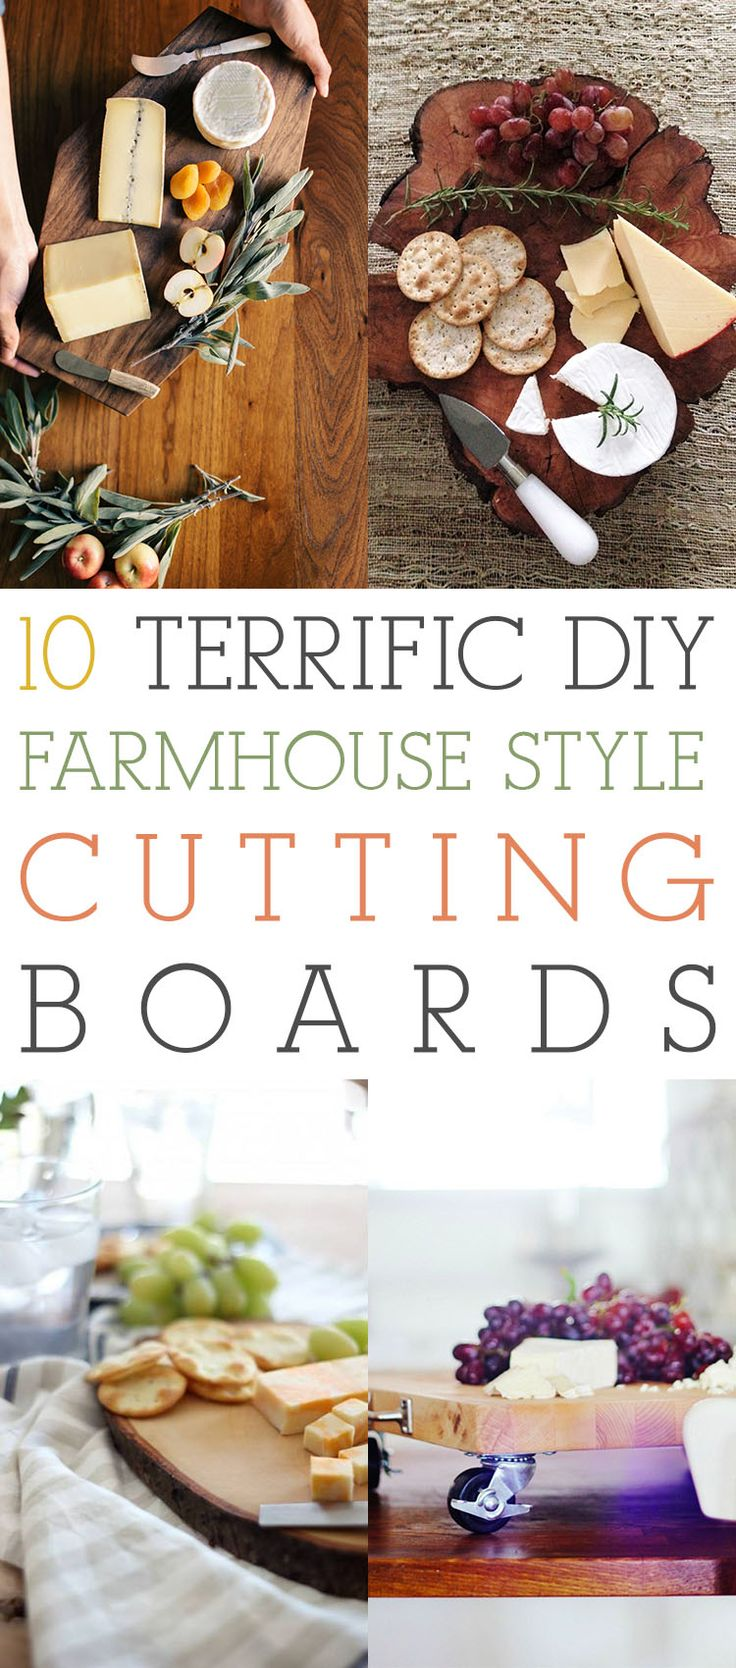 10 Terrific DIY Farmhouse Style Cutting Boards